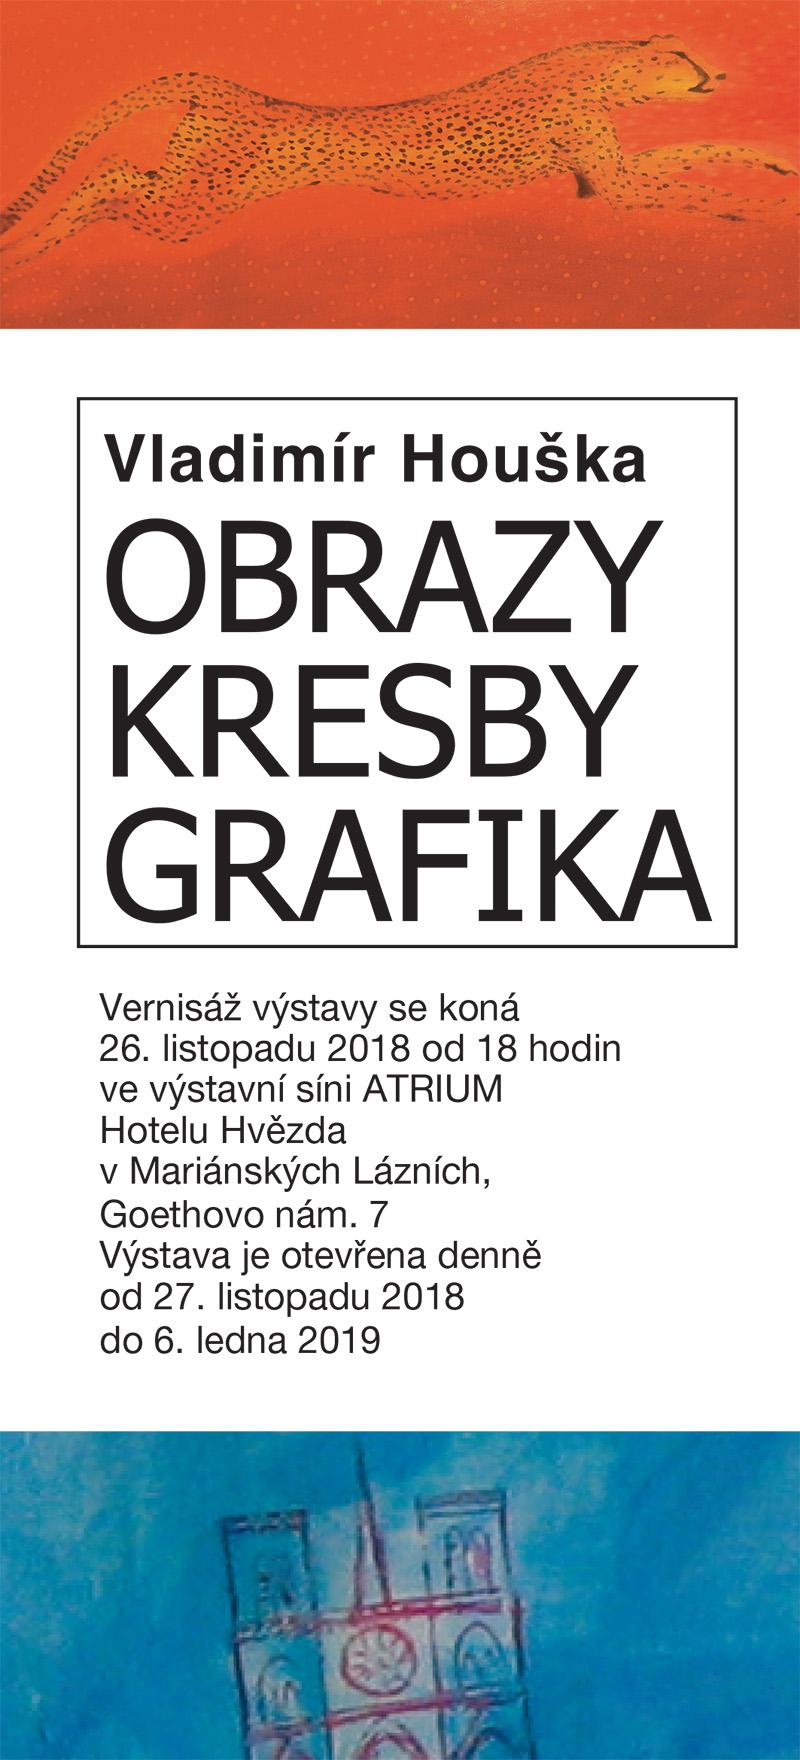 Vladimír Houška: OBRAZY KRESBY GRAFIKA